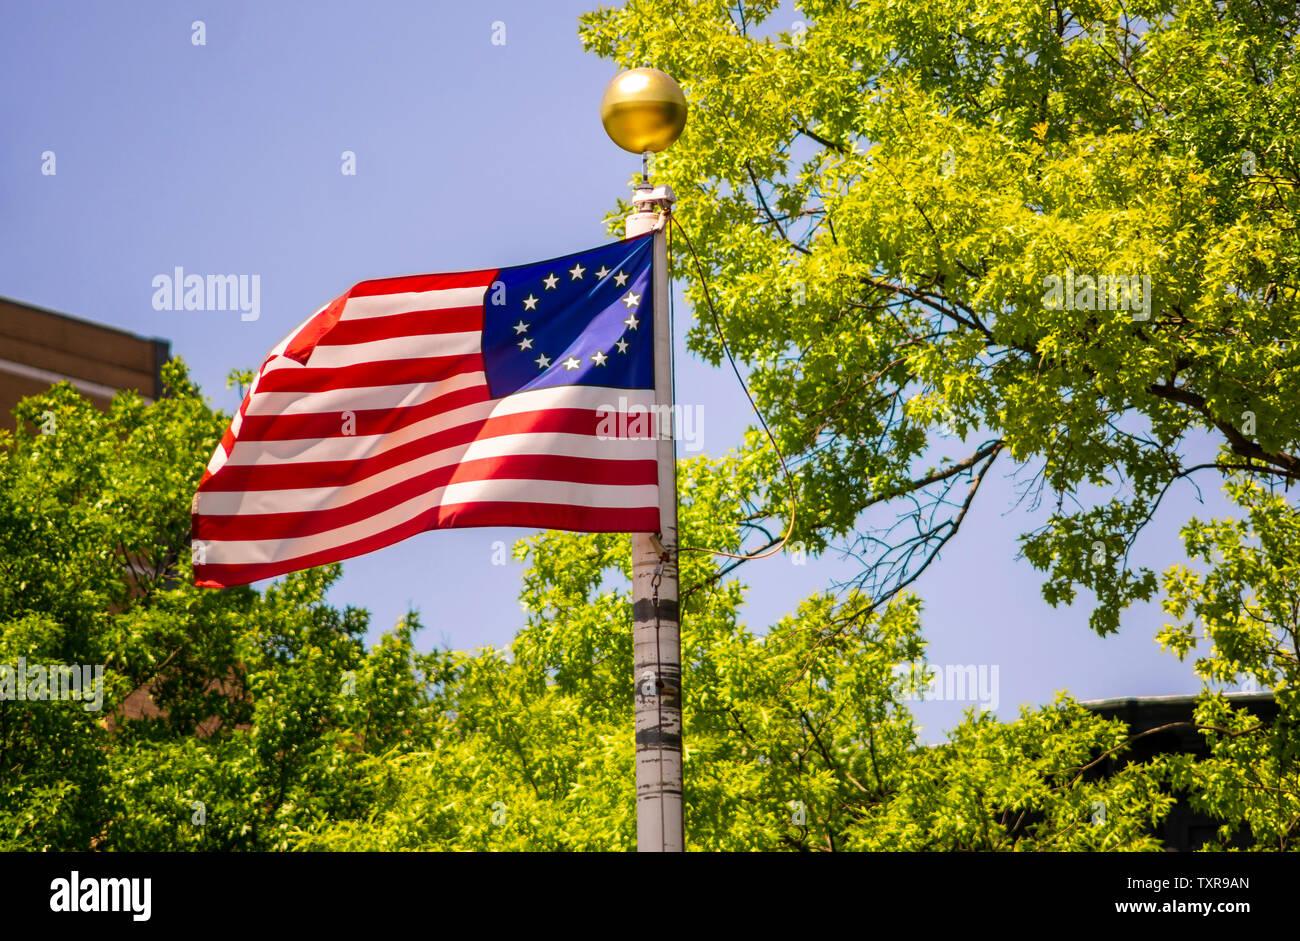 Treize étoiles commémorative drapeau américain vole dans la brise sur un mât dans un parc à New York le dimanche, Juin 23, 2019. (© Richard B. Levine) Photo Stock